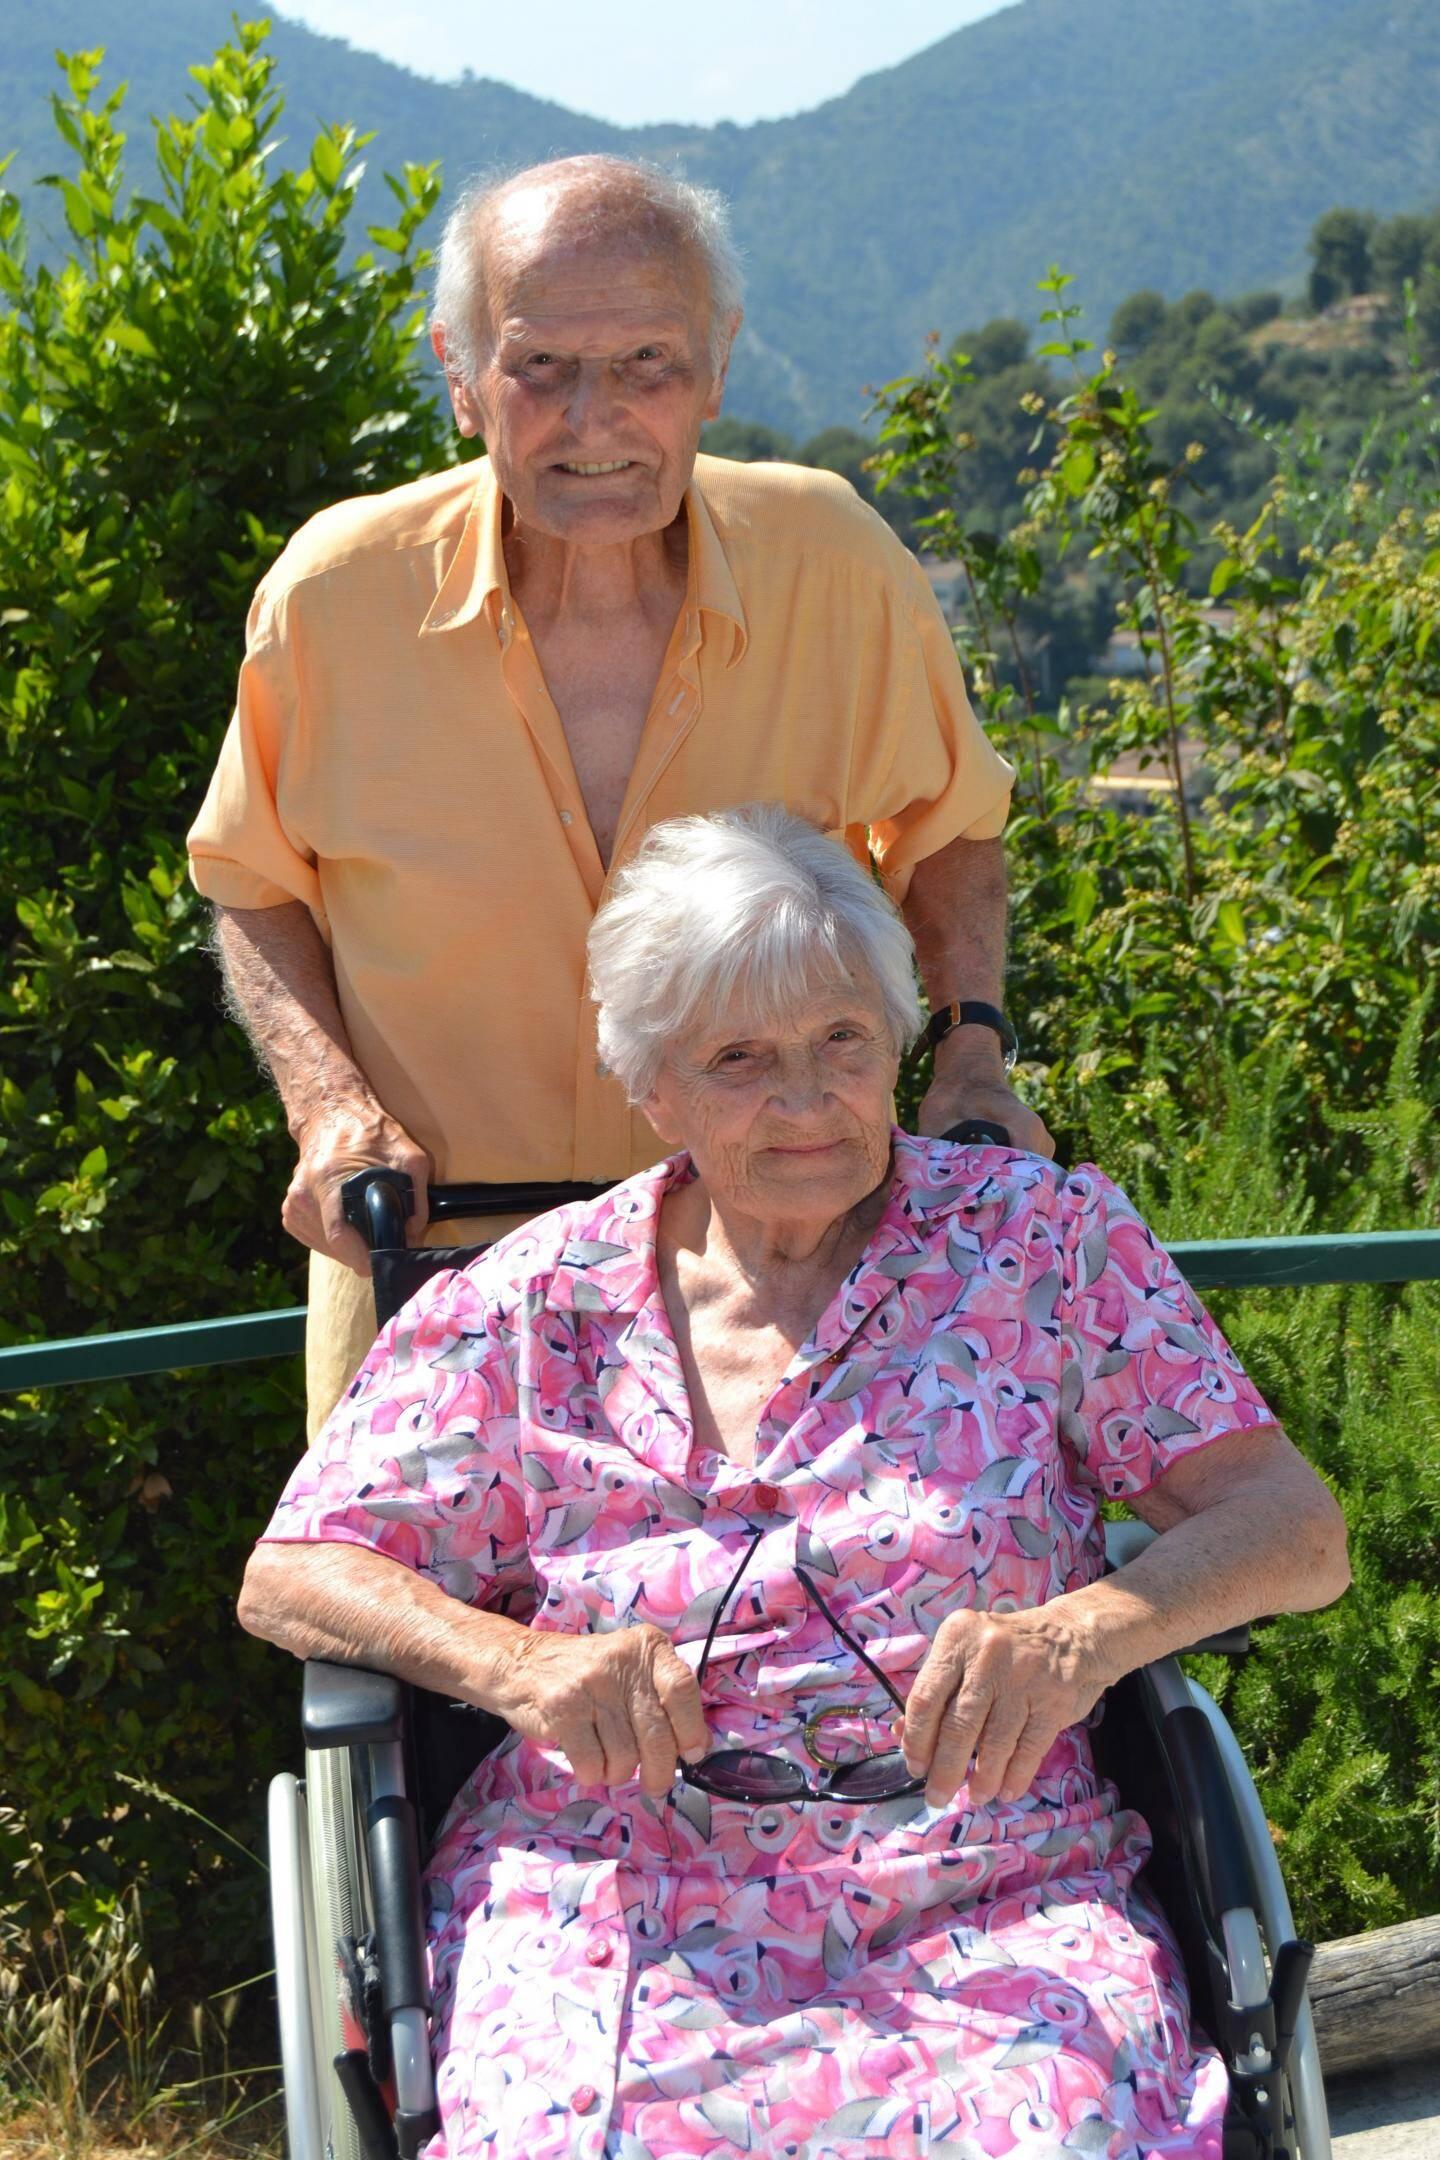 Charly et Josie, avec qui il se remariera le 17 décembre prochain pour fêter leurs 70 ans de mariage.